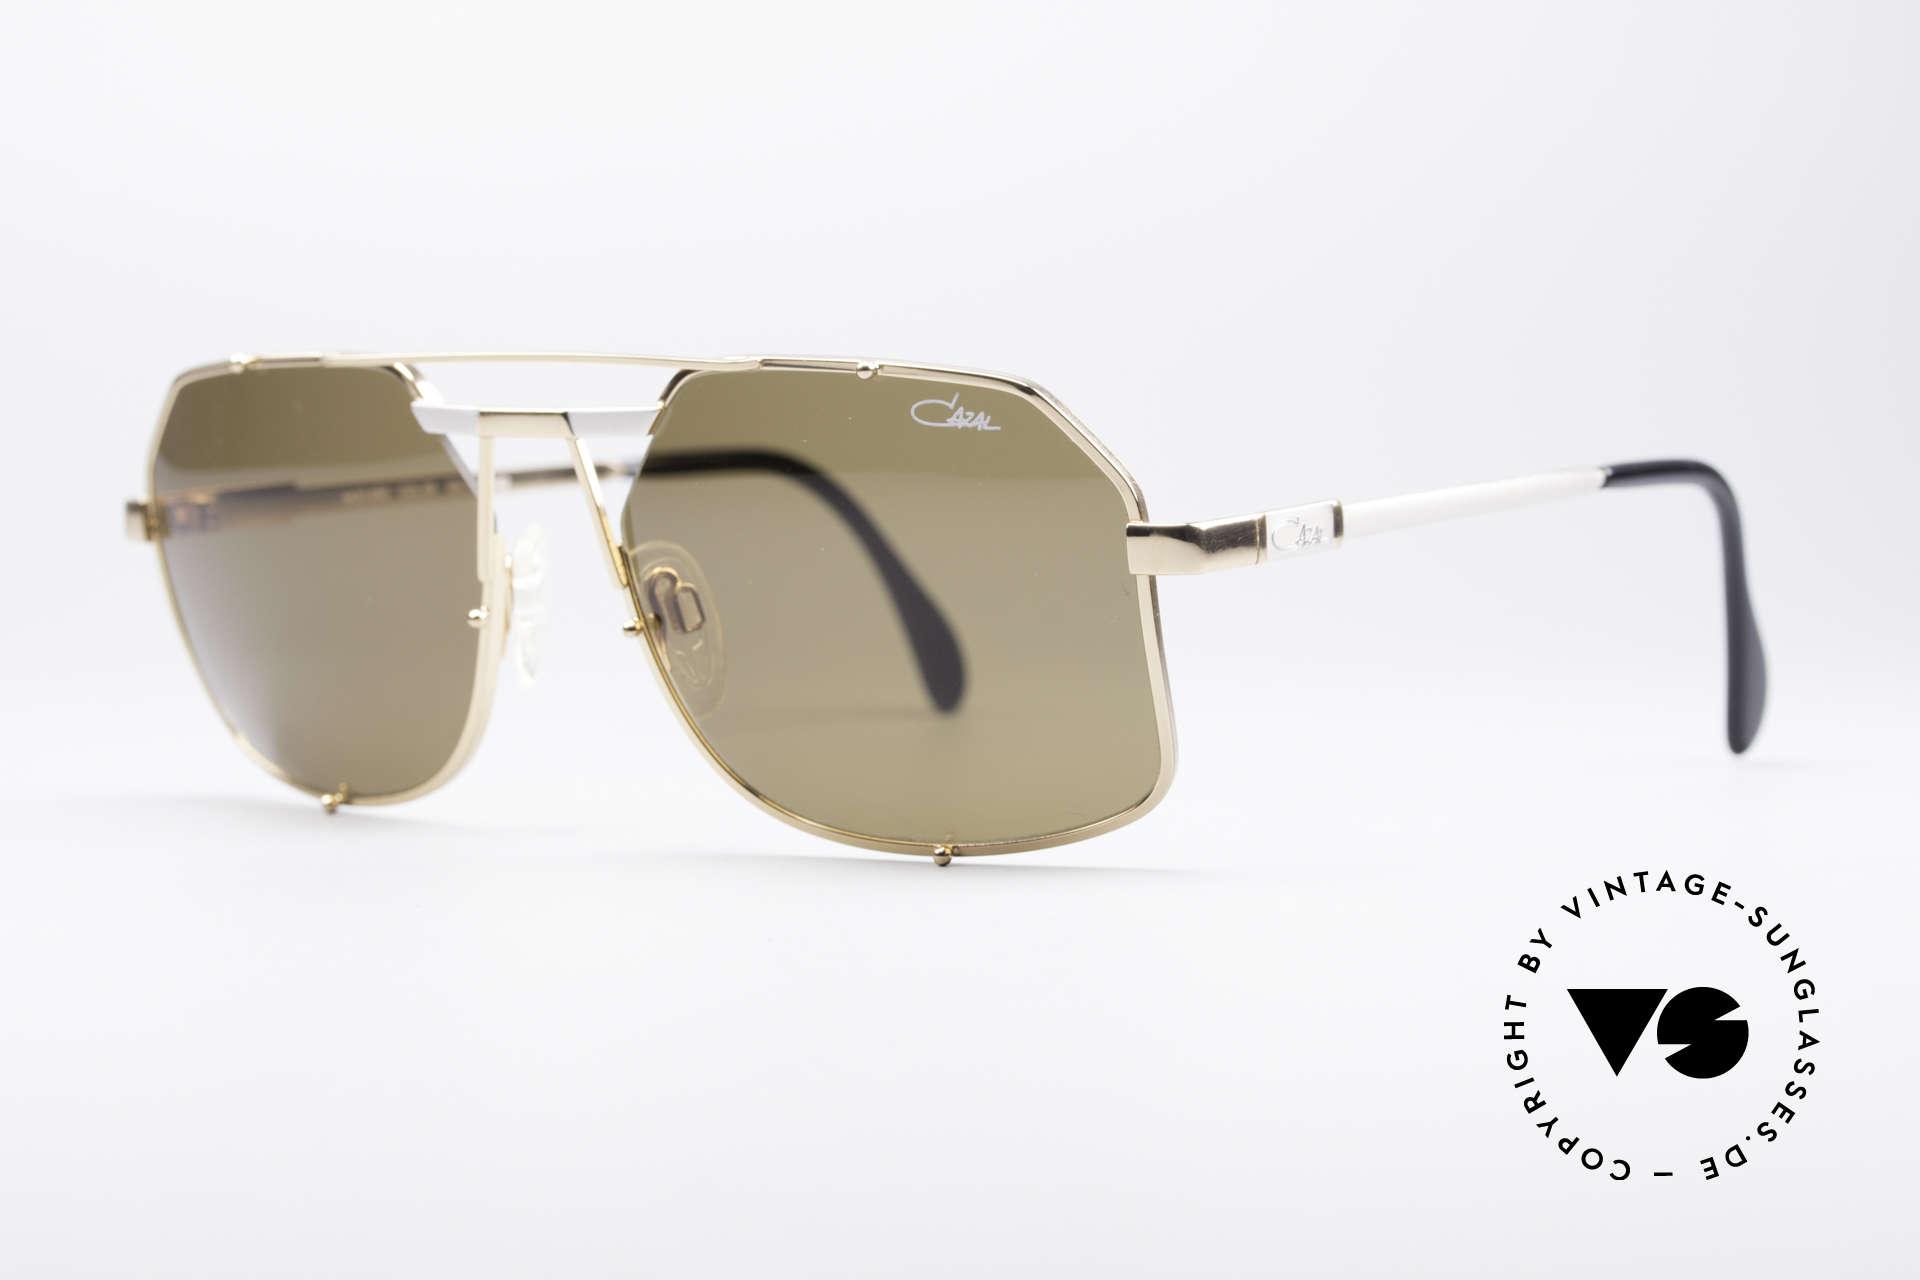 Cazal 959 90er Designer Herrenbrille, äußerst edle Rahmengestaltung in Farbe & Form, Passend für Herren